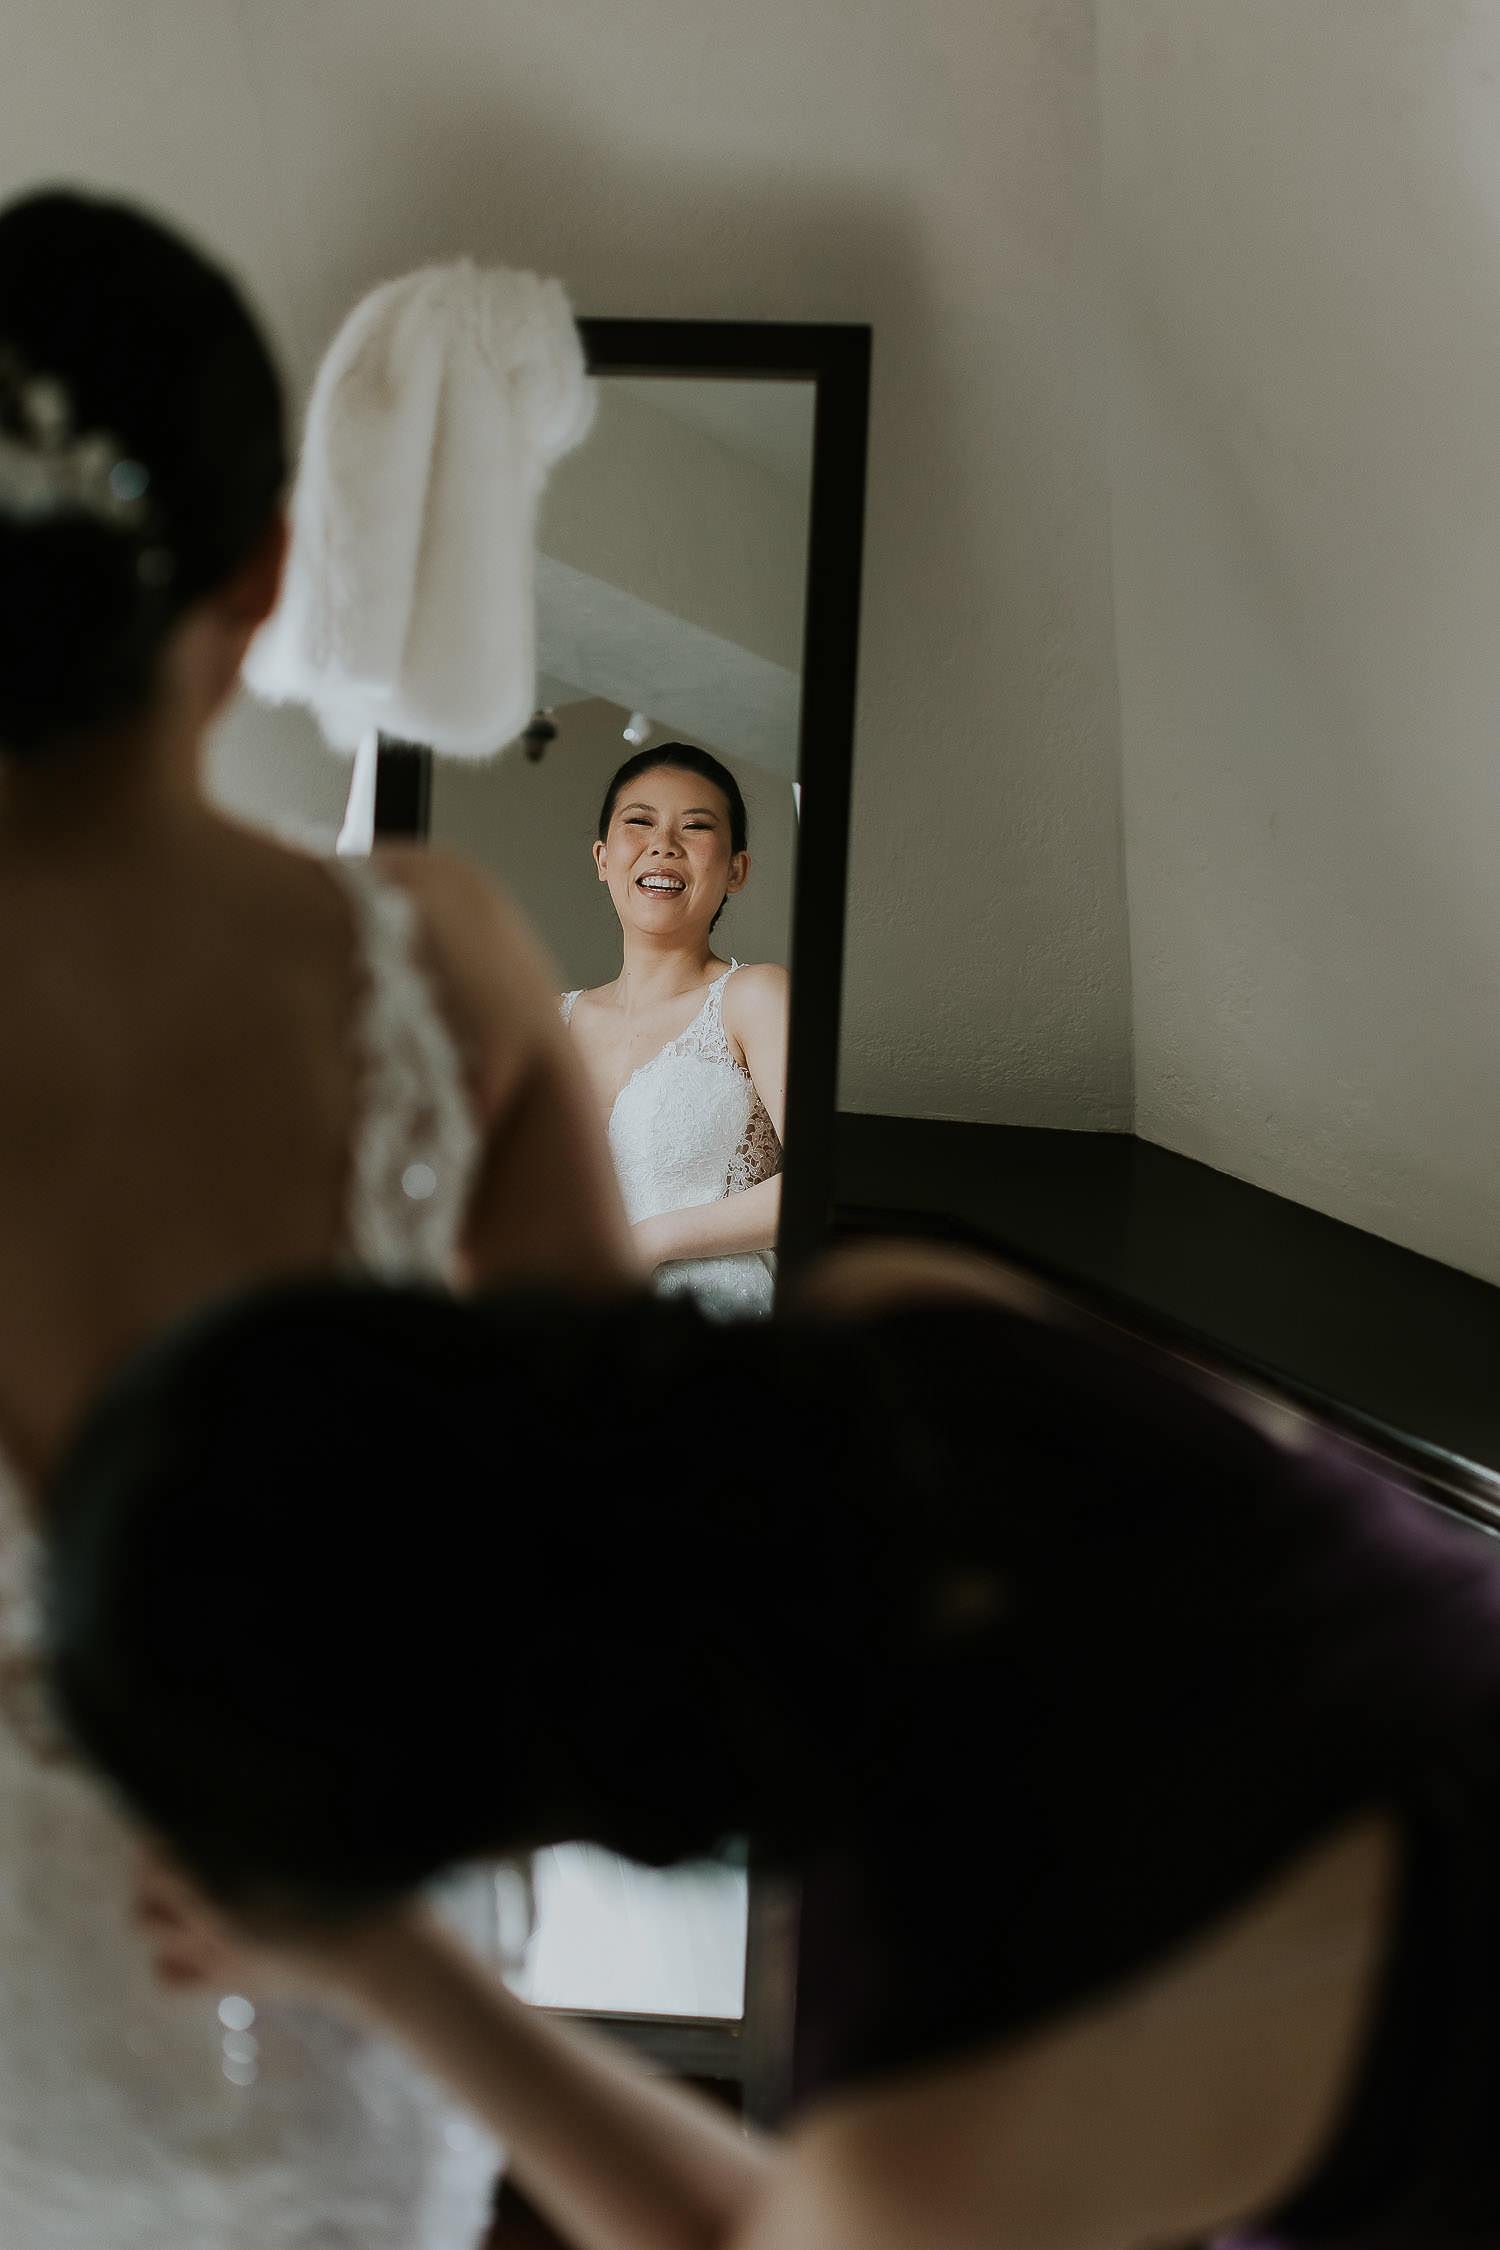 intimate-wedding-at-banff-springs-hotel-sarah-pukin-0034